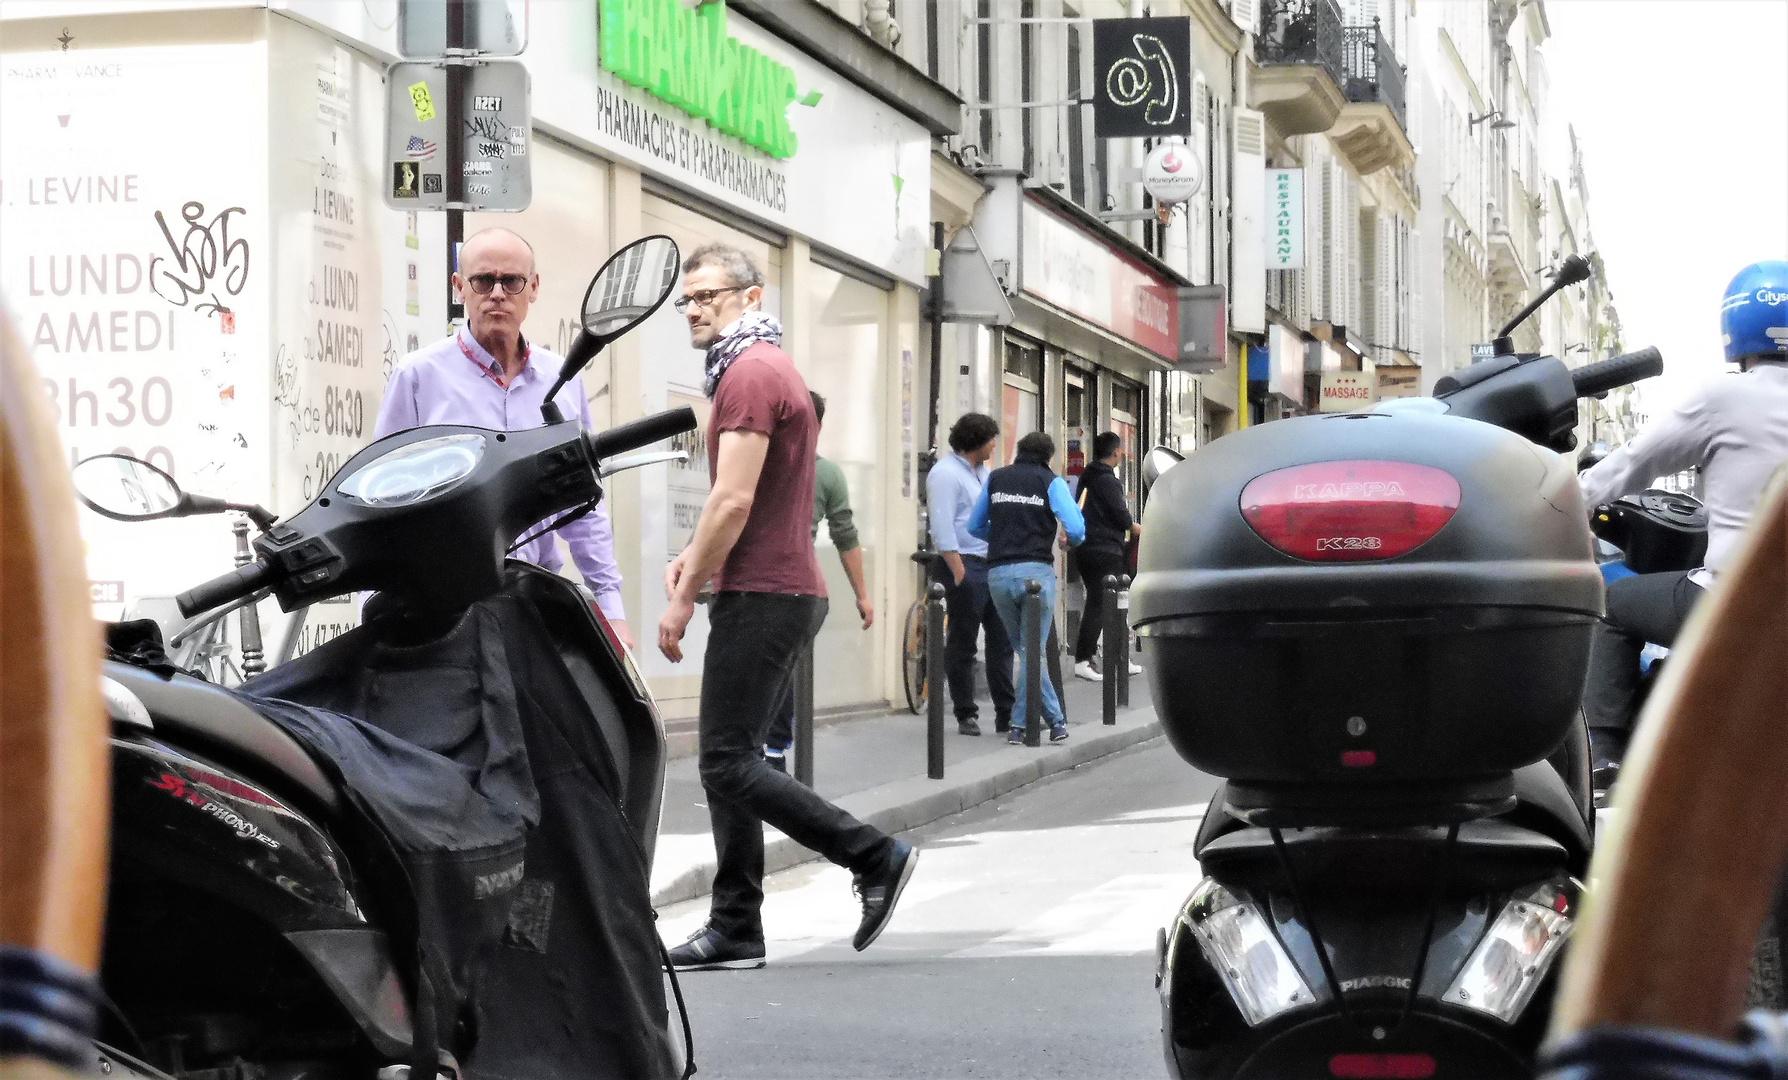 street Paris Blick lum-19-49col +8Fotos